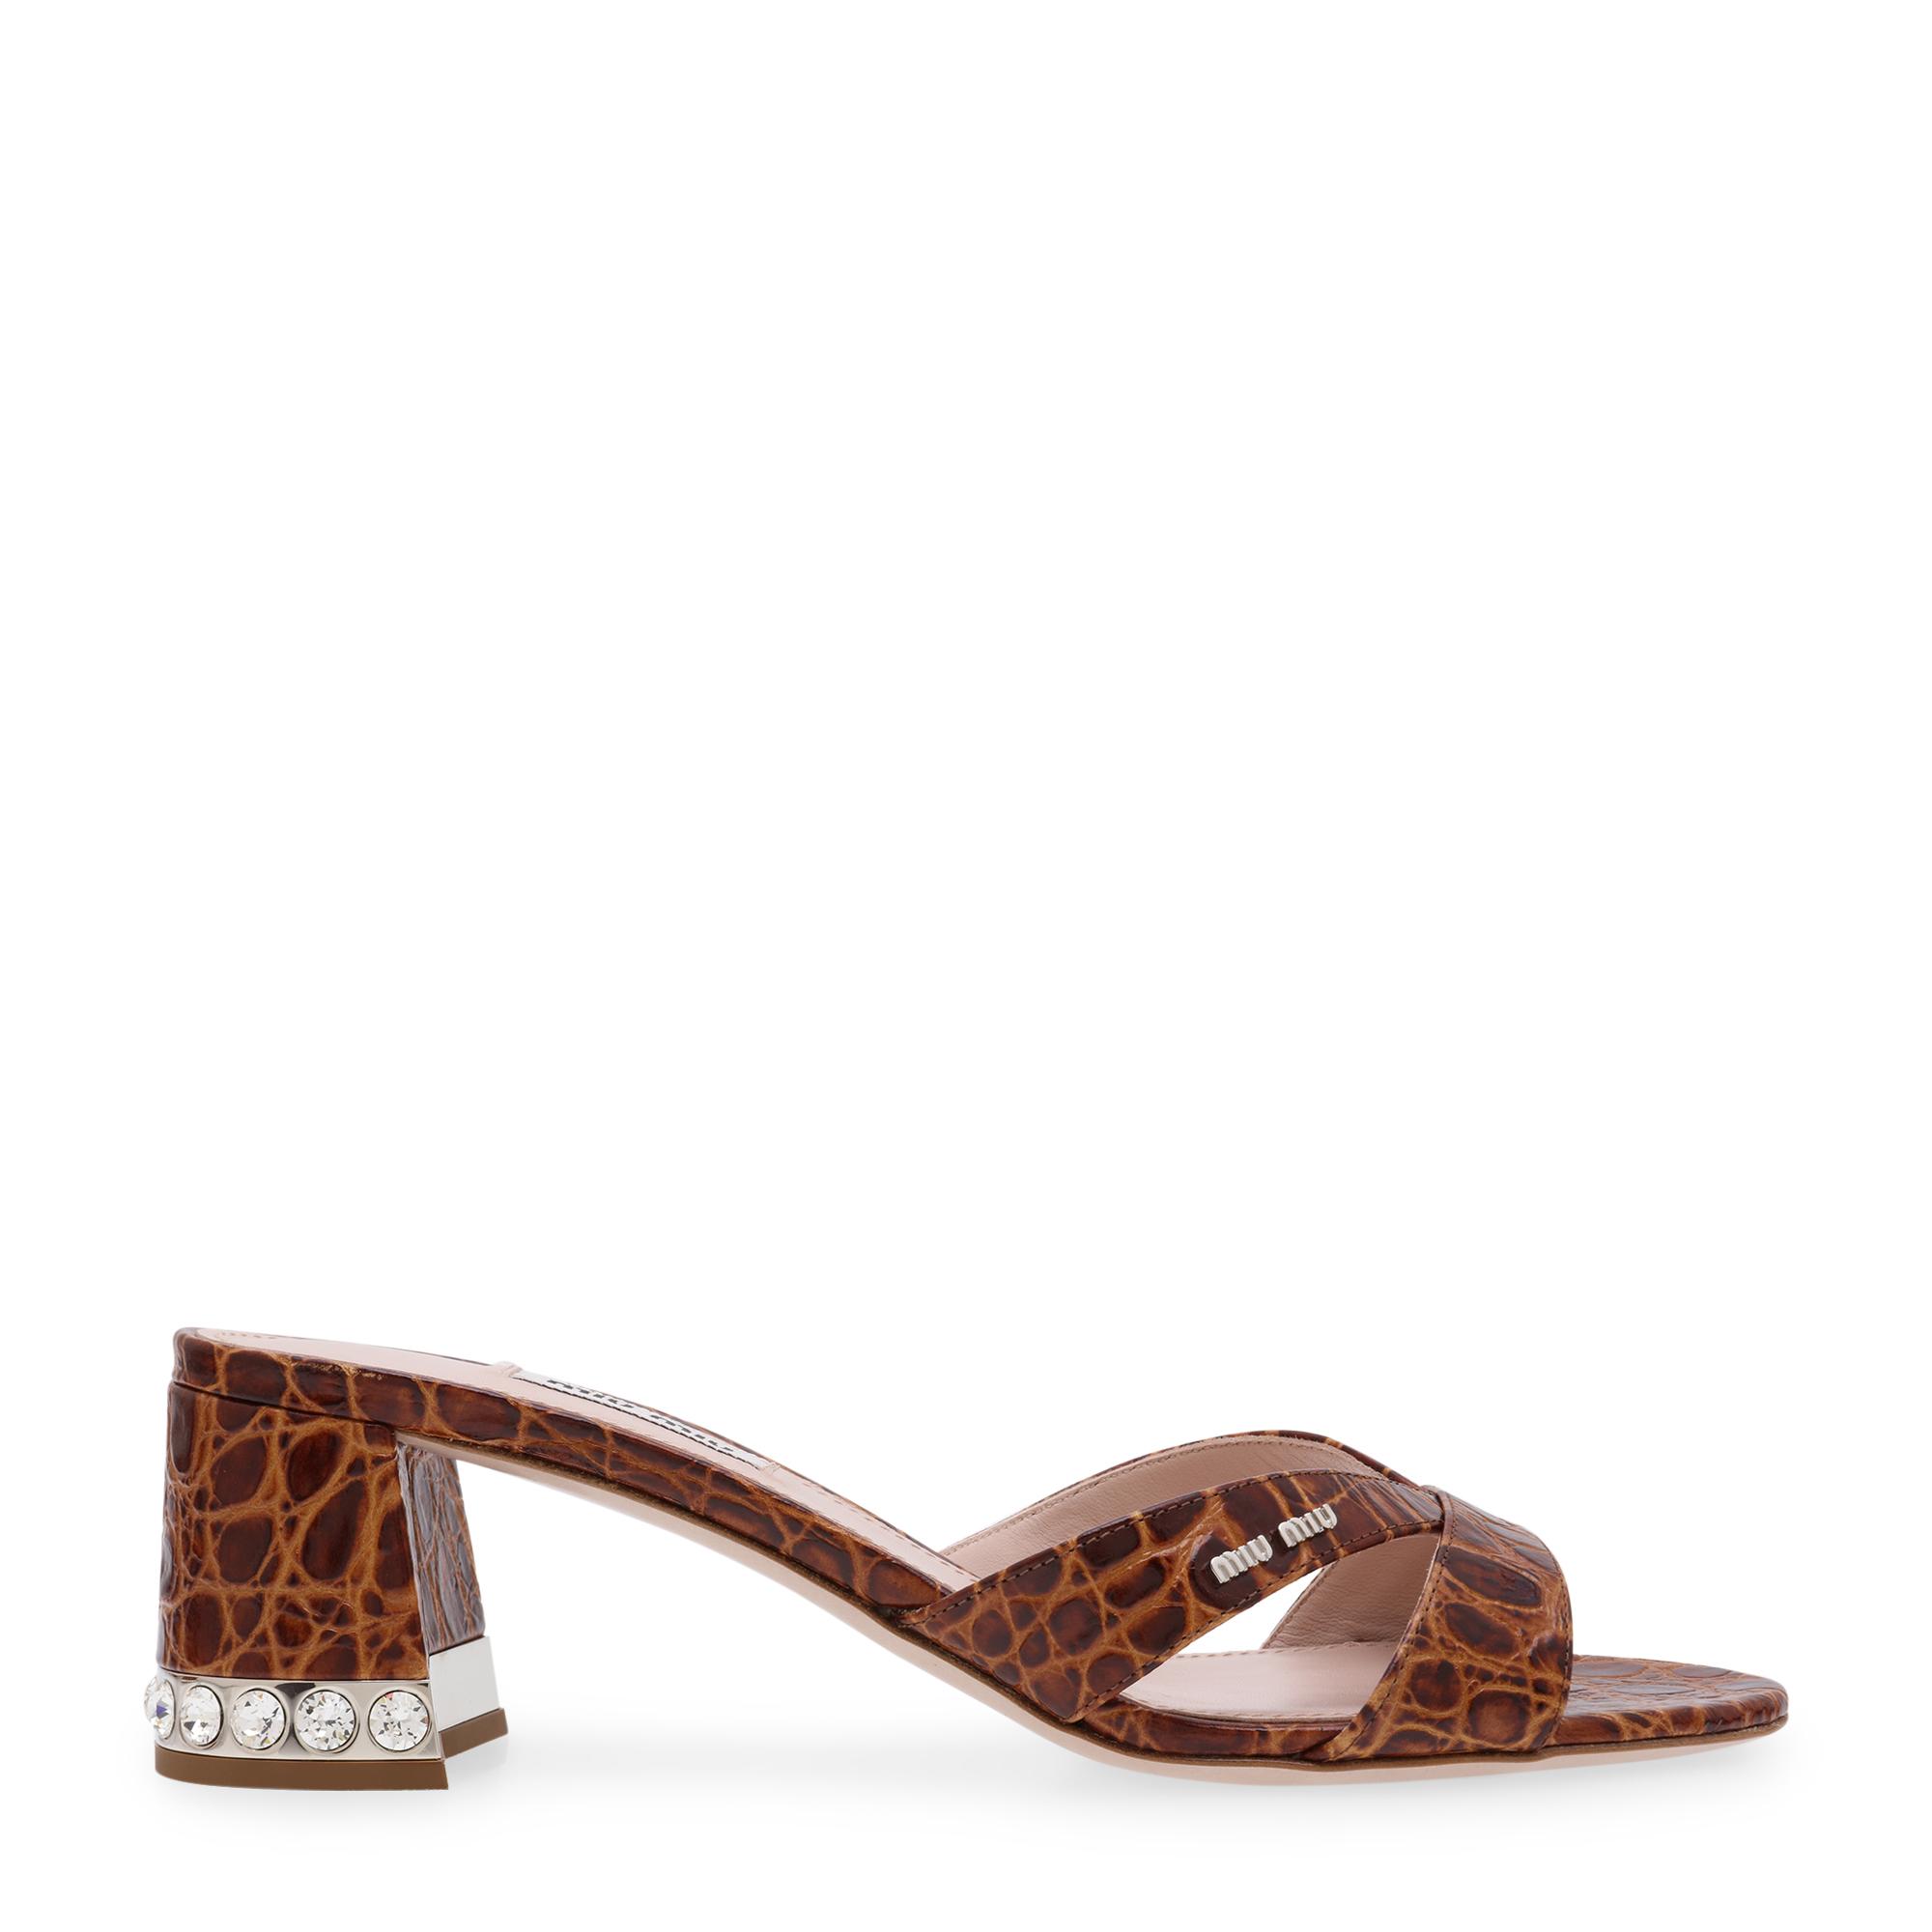 Leather embellished sandals